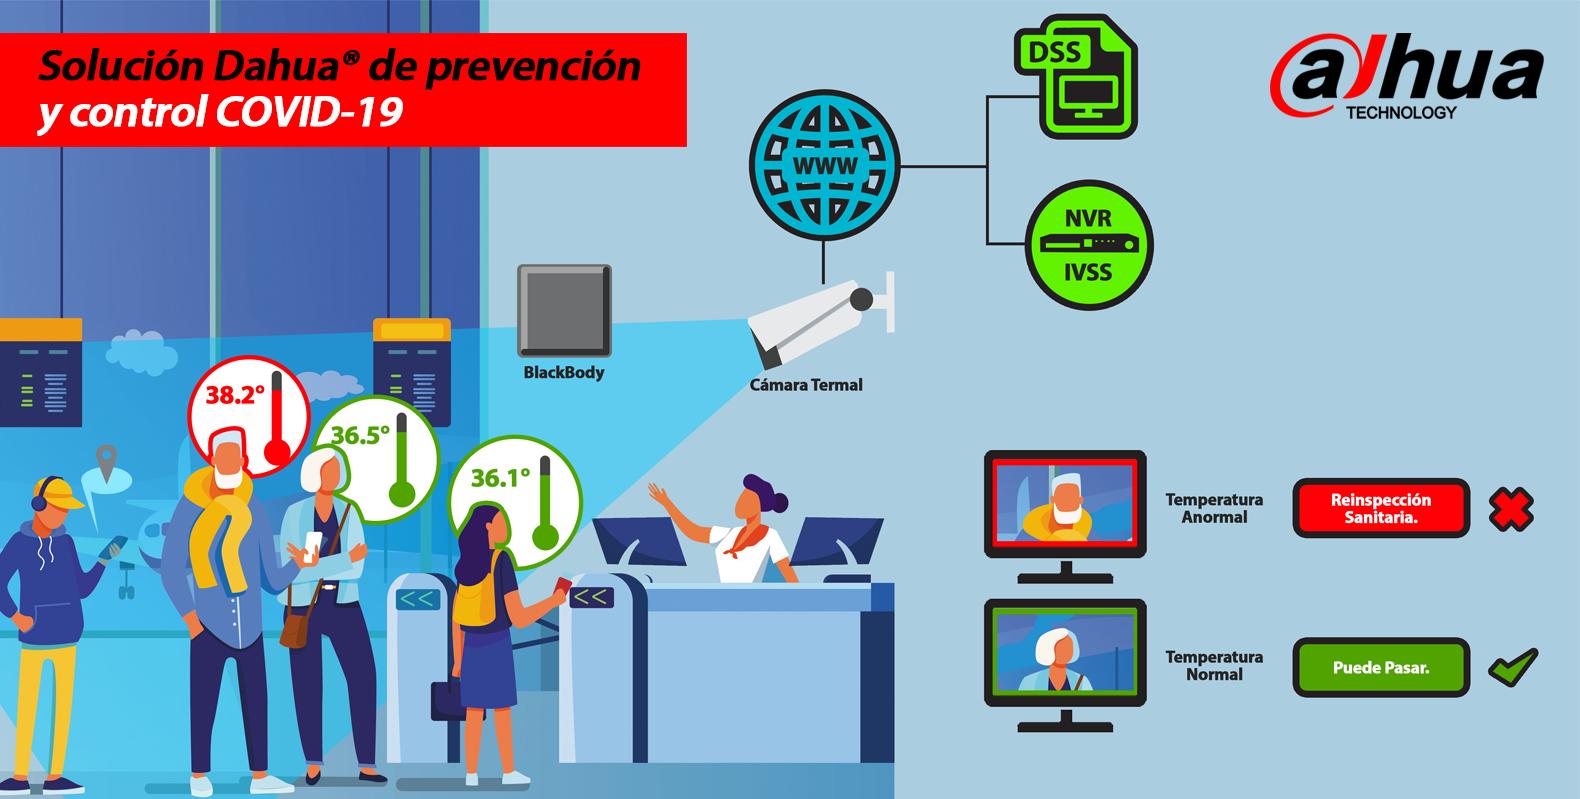 Soluciones  Dahua® de Prevención y Control COVID-19